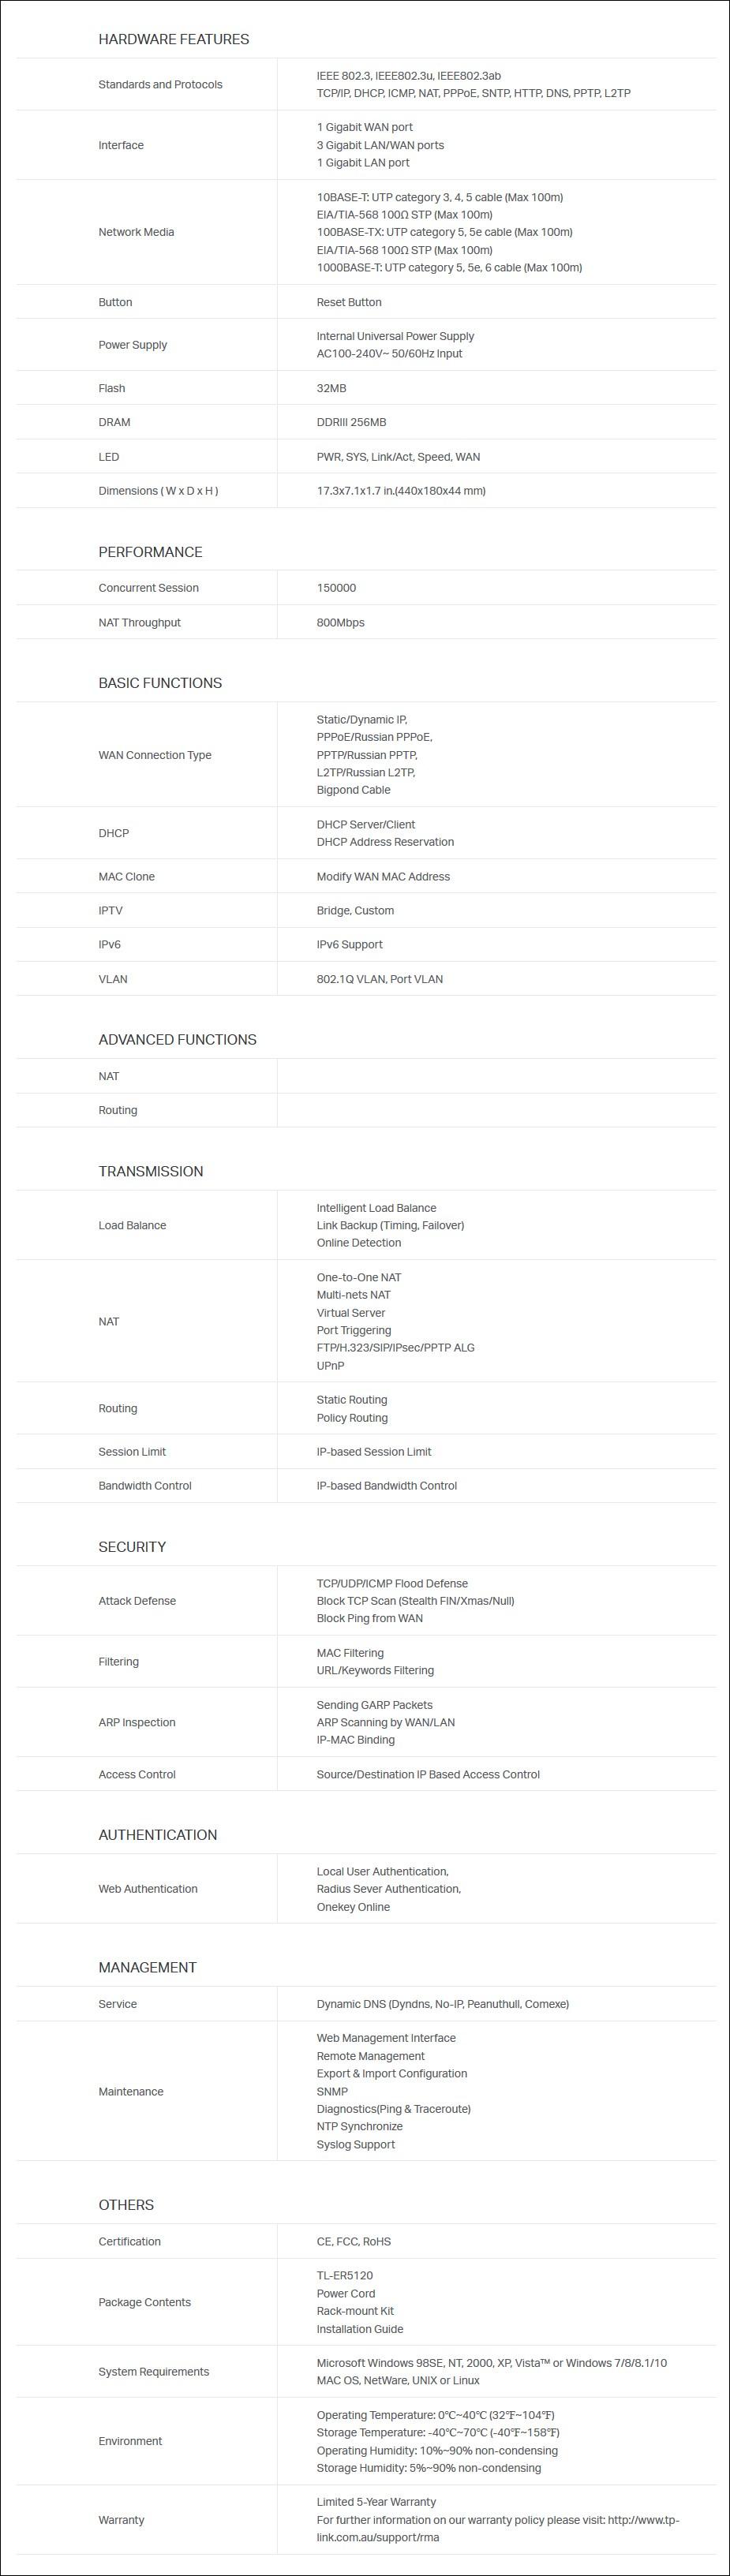 P-LINK TL-ER5120 5-Port Gigabit Multi-Wan Load Balance Router - Overview 2